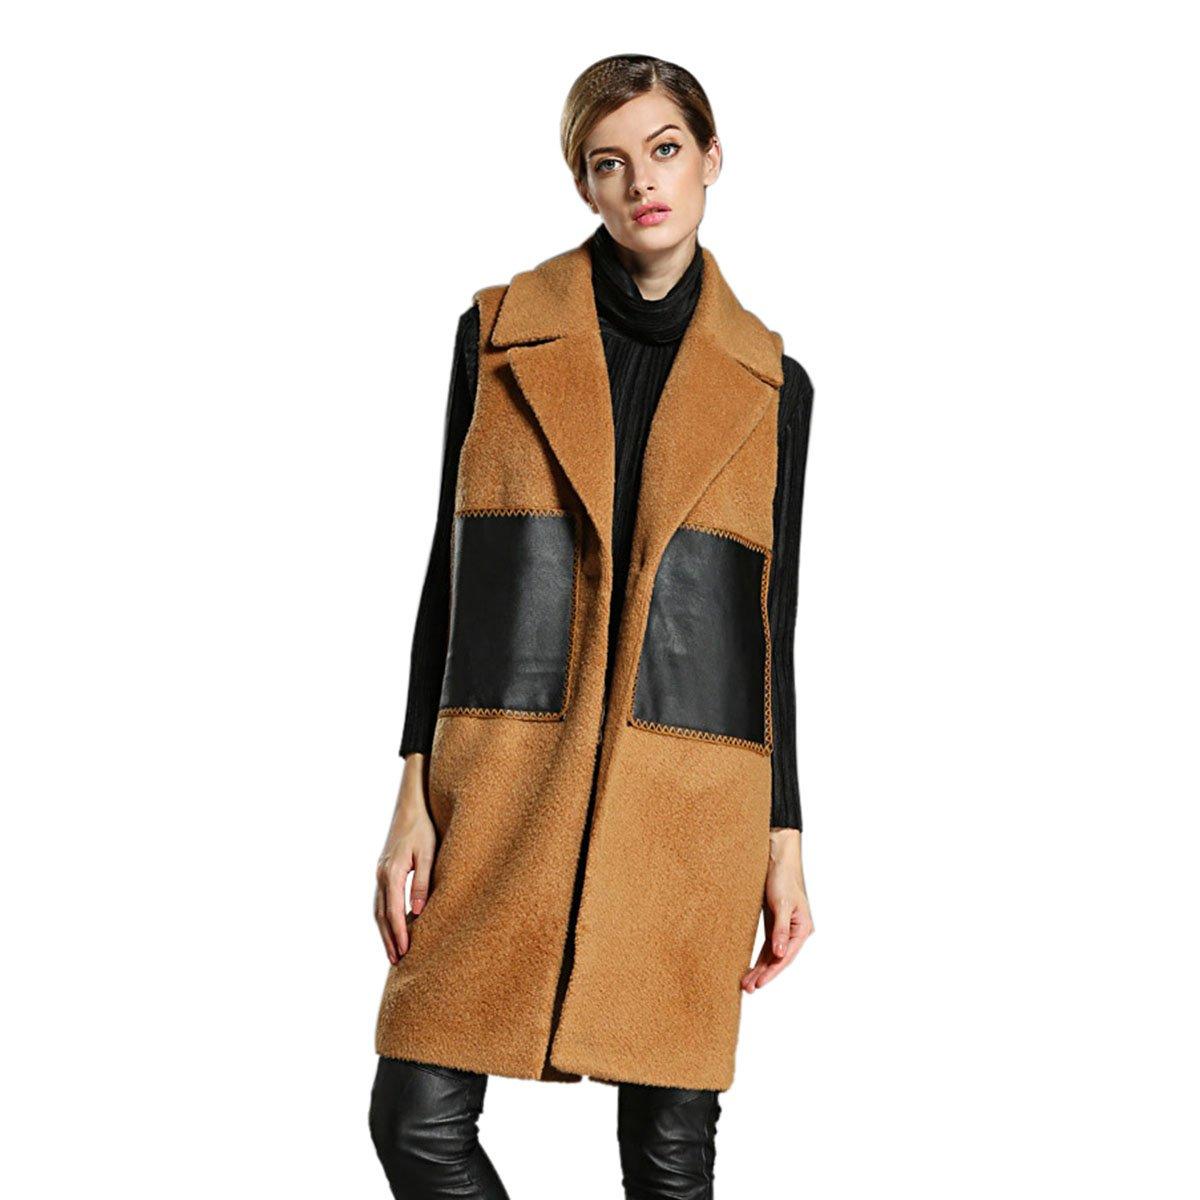 HUASHI Womens Woolen Winter Coat for Maternity, Size 14 by HUASHI